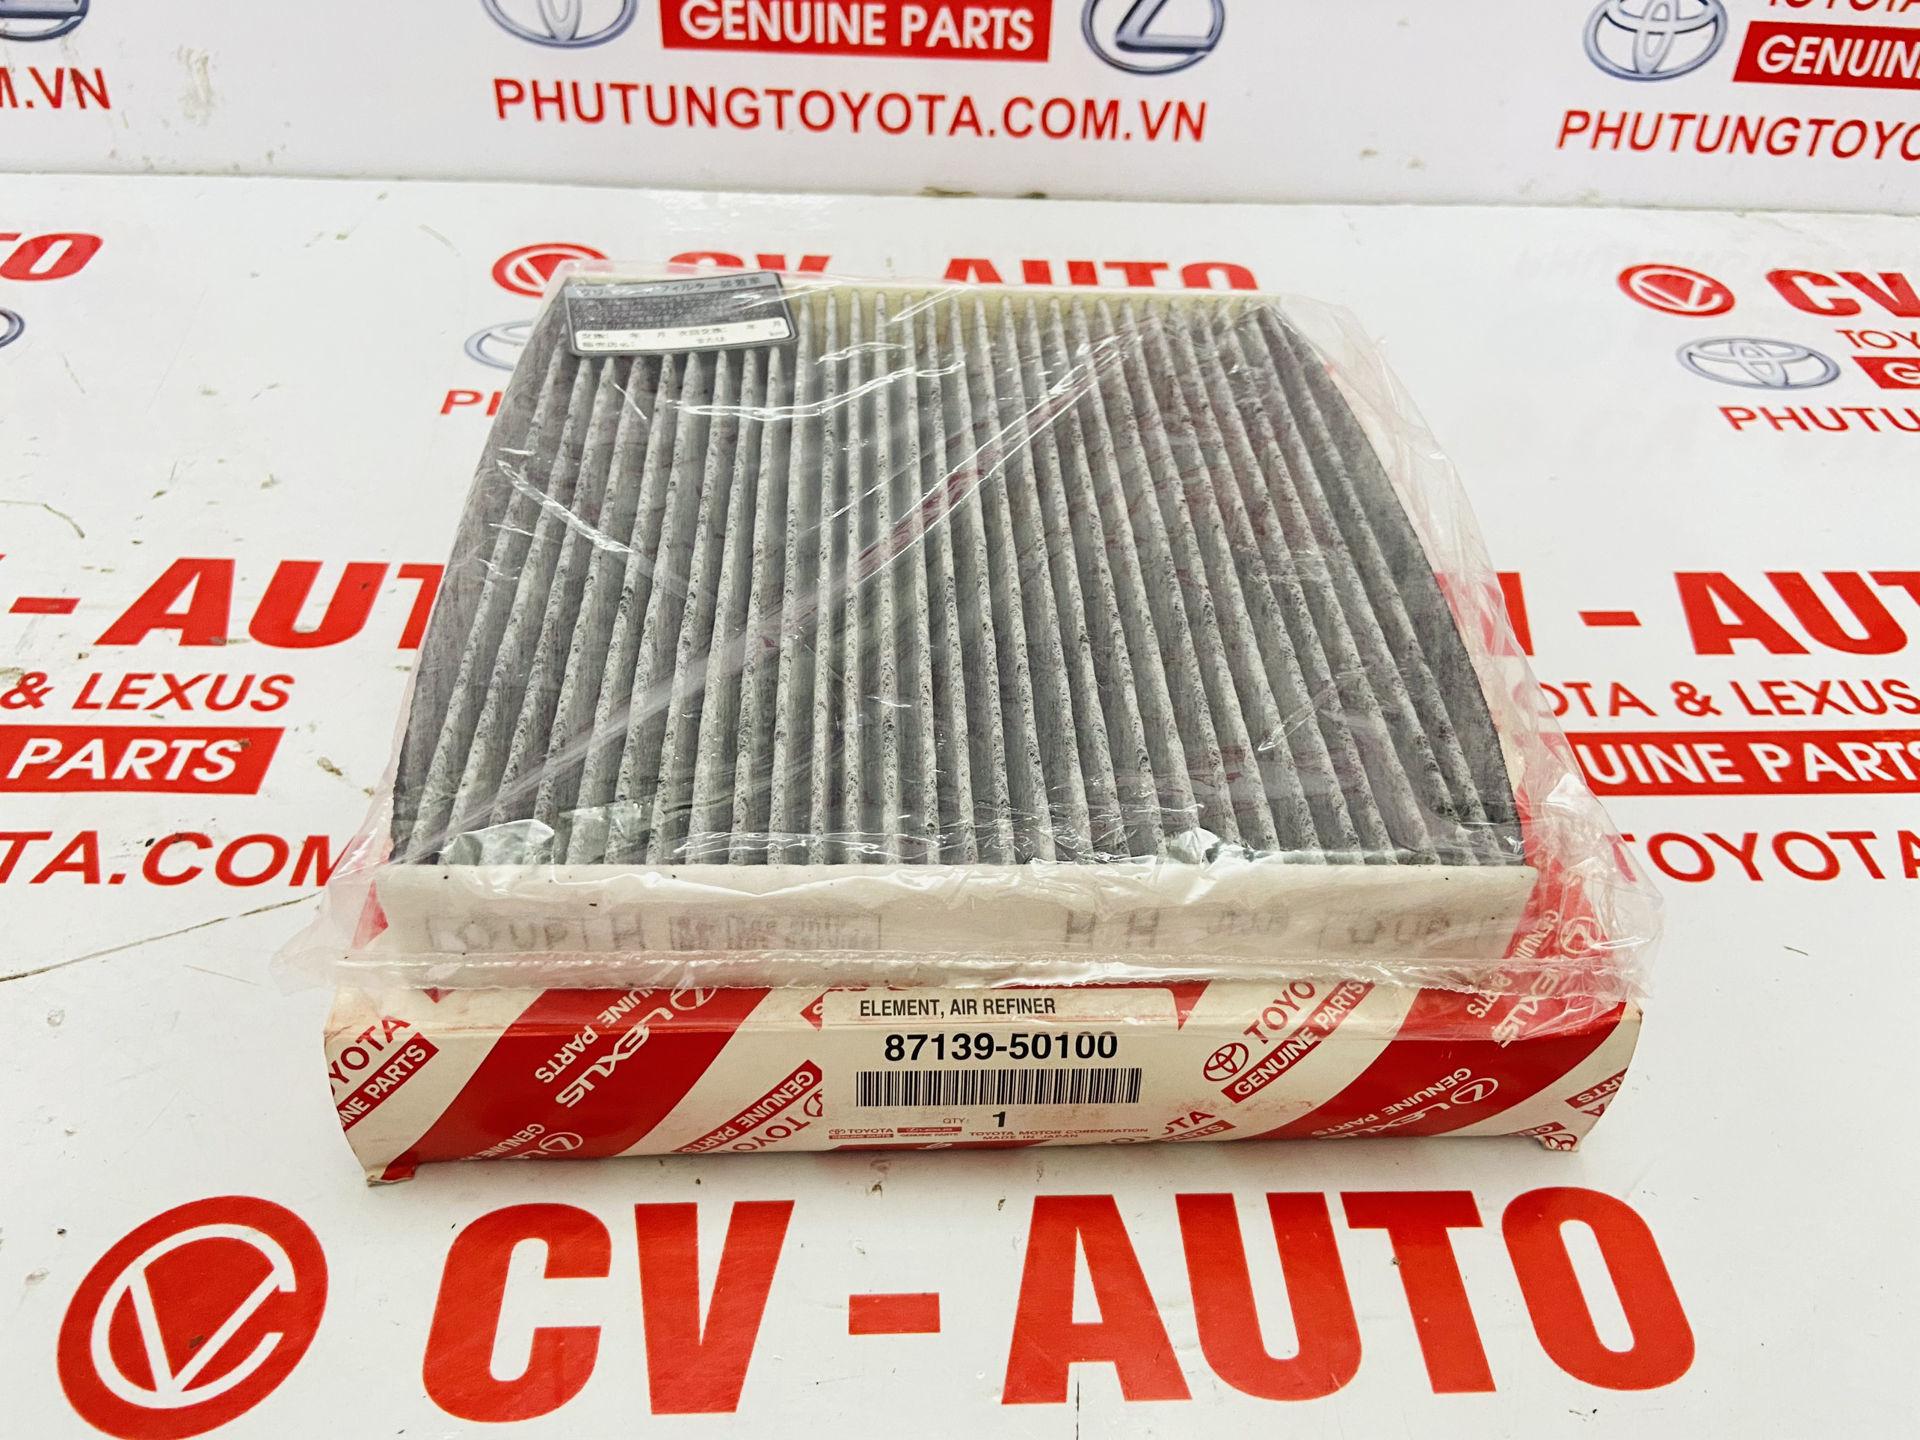 Picture of 87139-50100, 8713950100 Lọc gió điều hòa Toyota, Lexus hàng chính hãng, có than hoạt tính